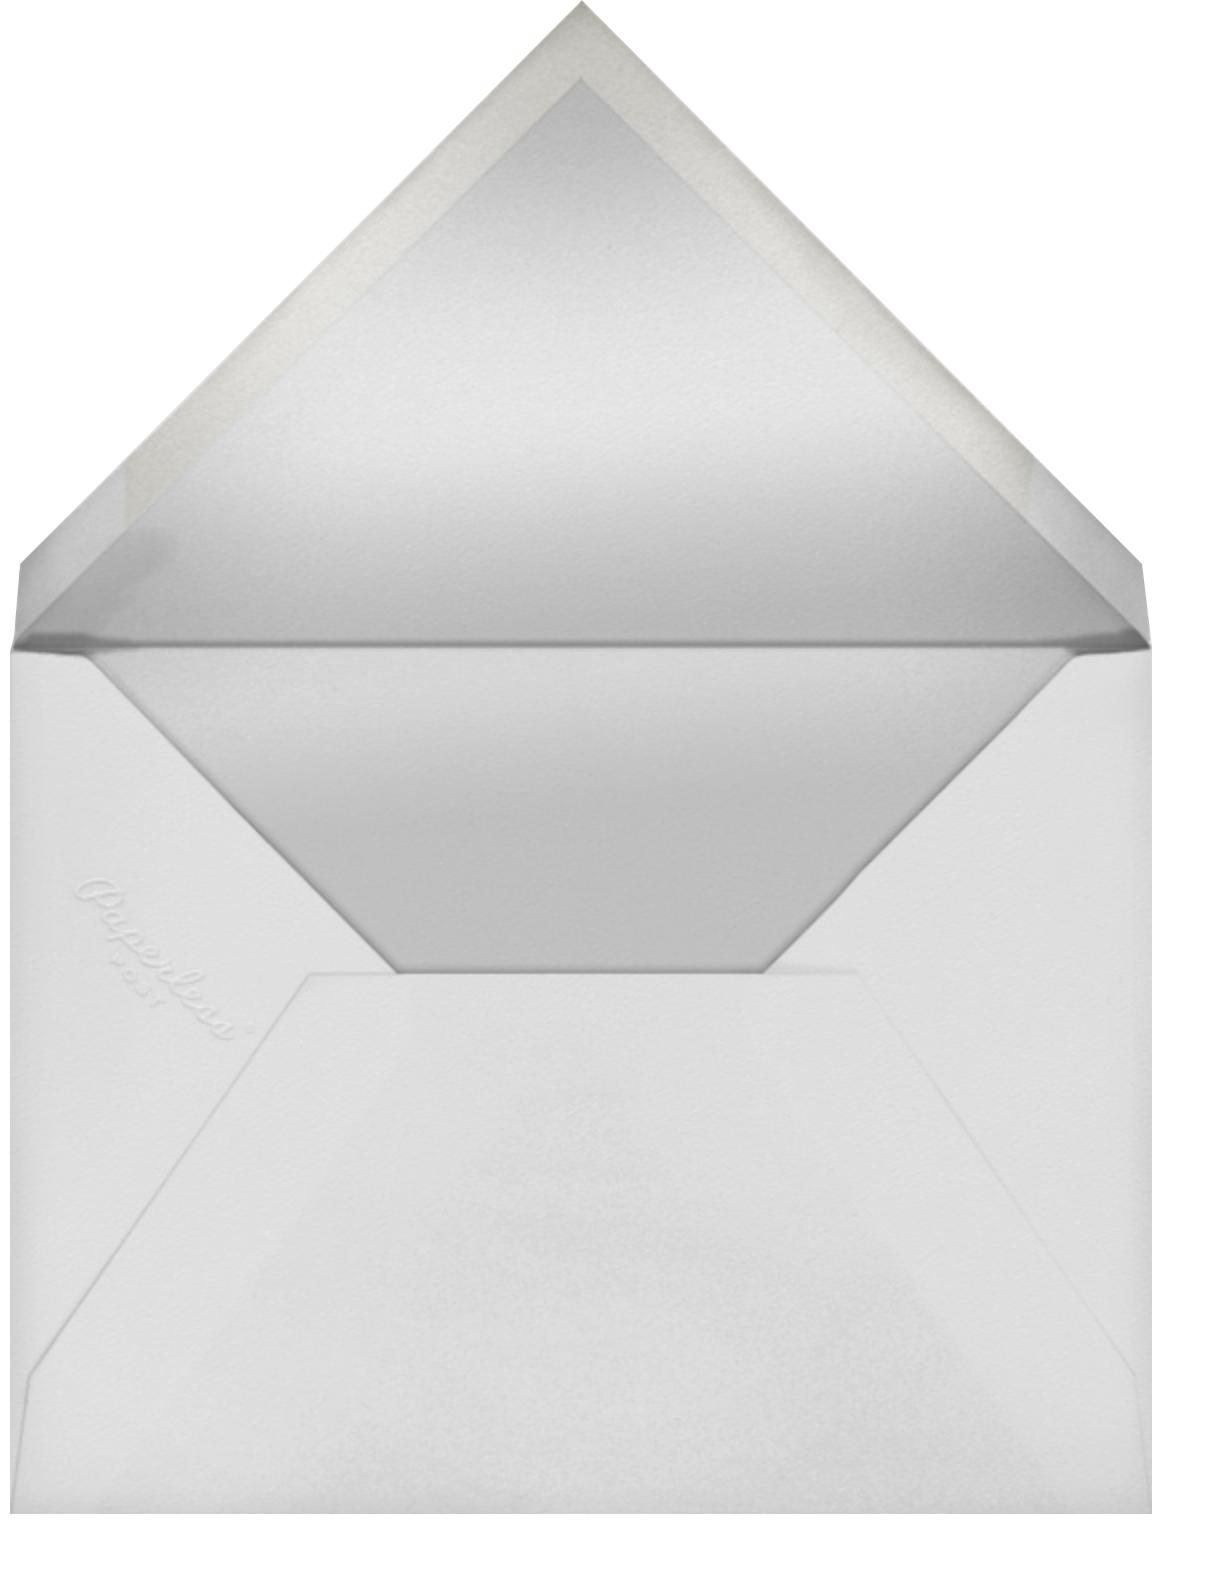 Bulletin (Program) - Coral - Paperless Post - Menus and programs - envelope back